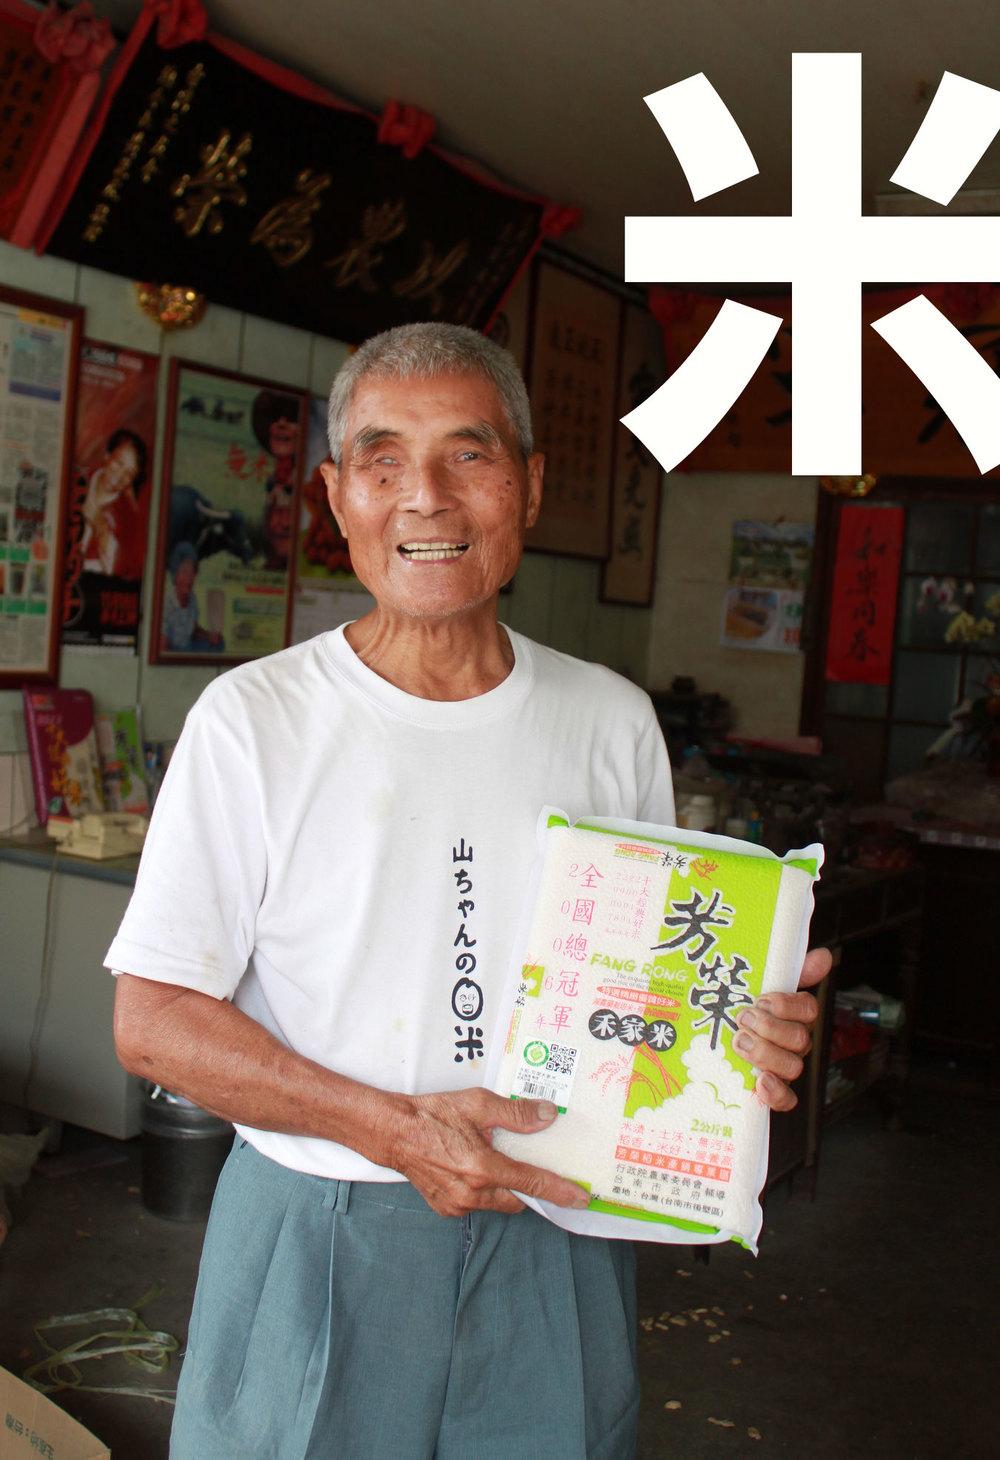 黃崑濱,種米超過50年的台南後壁人。2004年參與拍攝「無米樂」紀錄片、2006年榮獲全國稻米總冠軍,現和芳榮米廠成立稻米產銷專區,持續推廣無毒栽植不斷提昇稻米品質。崑濱伯家在後壁老街上,幸運遇見他別忘記拍張照。